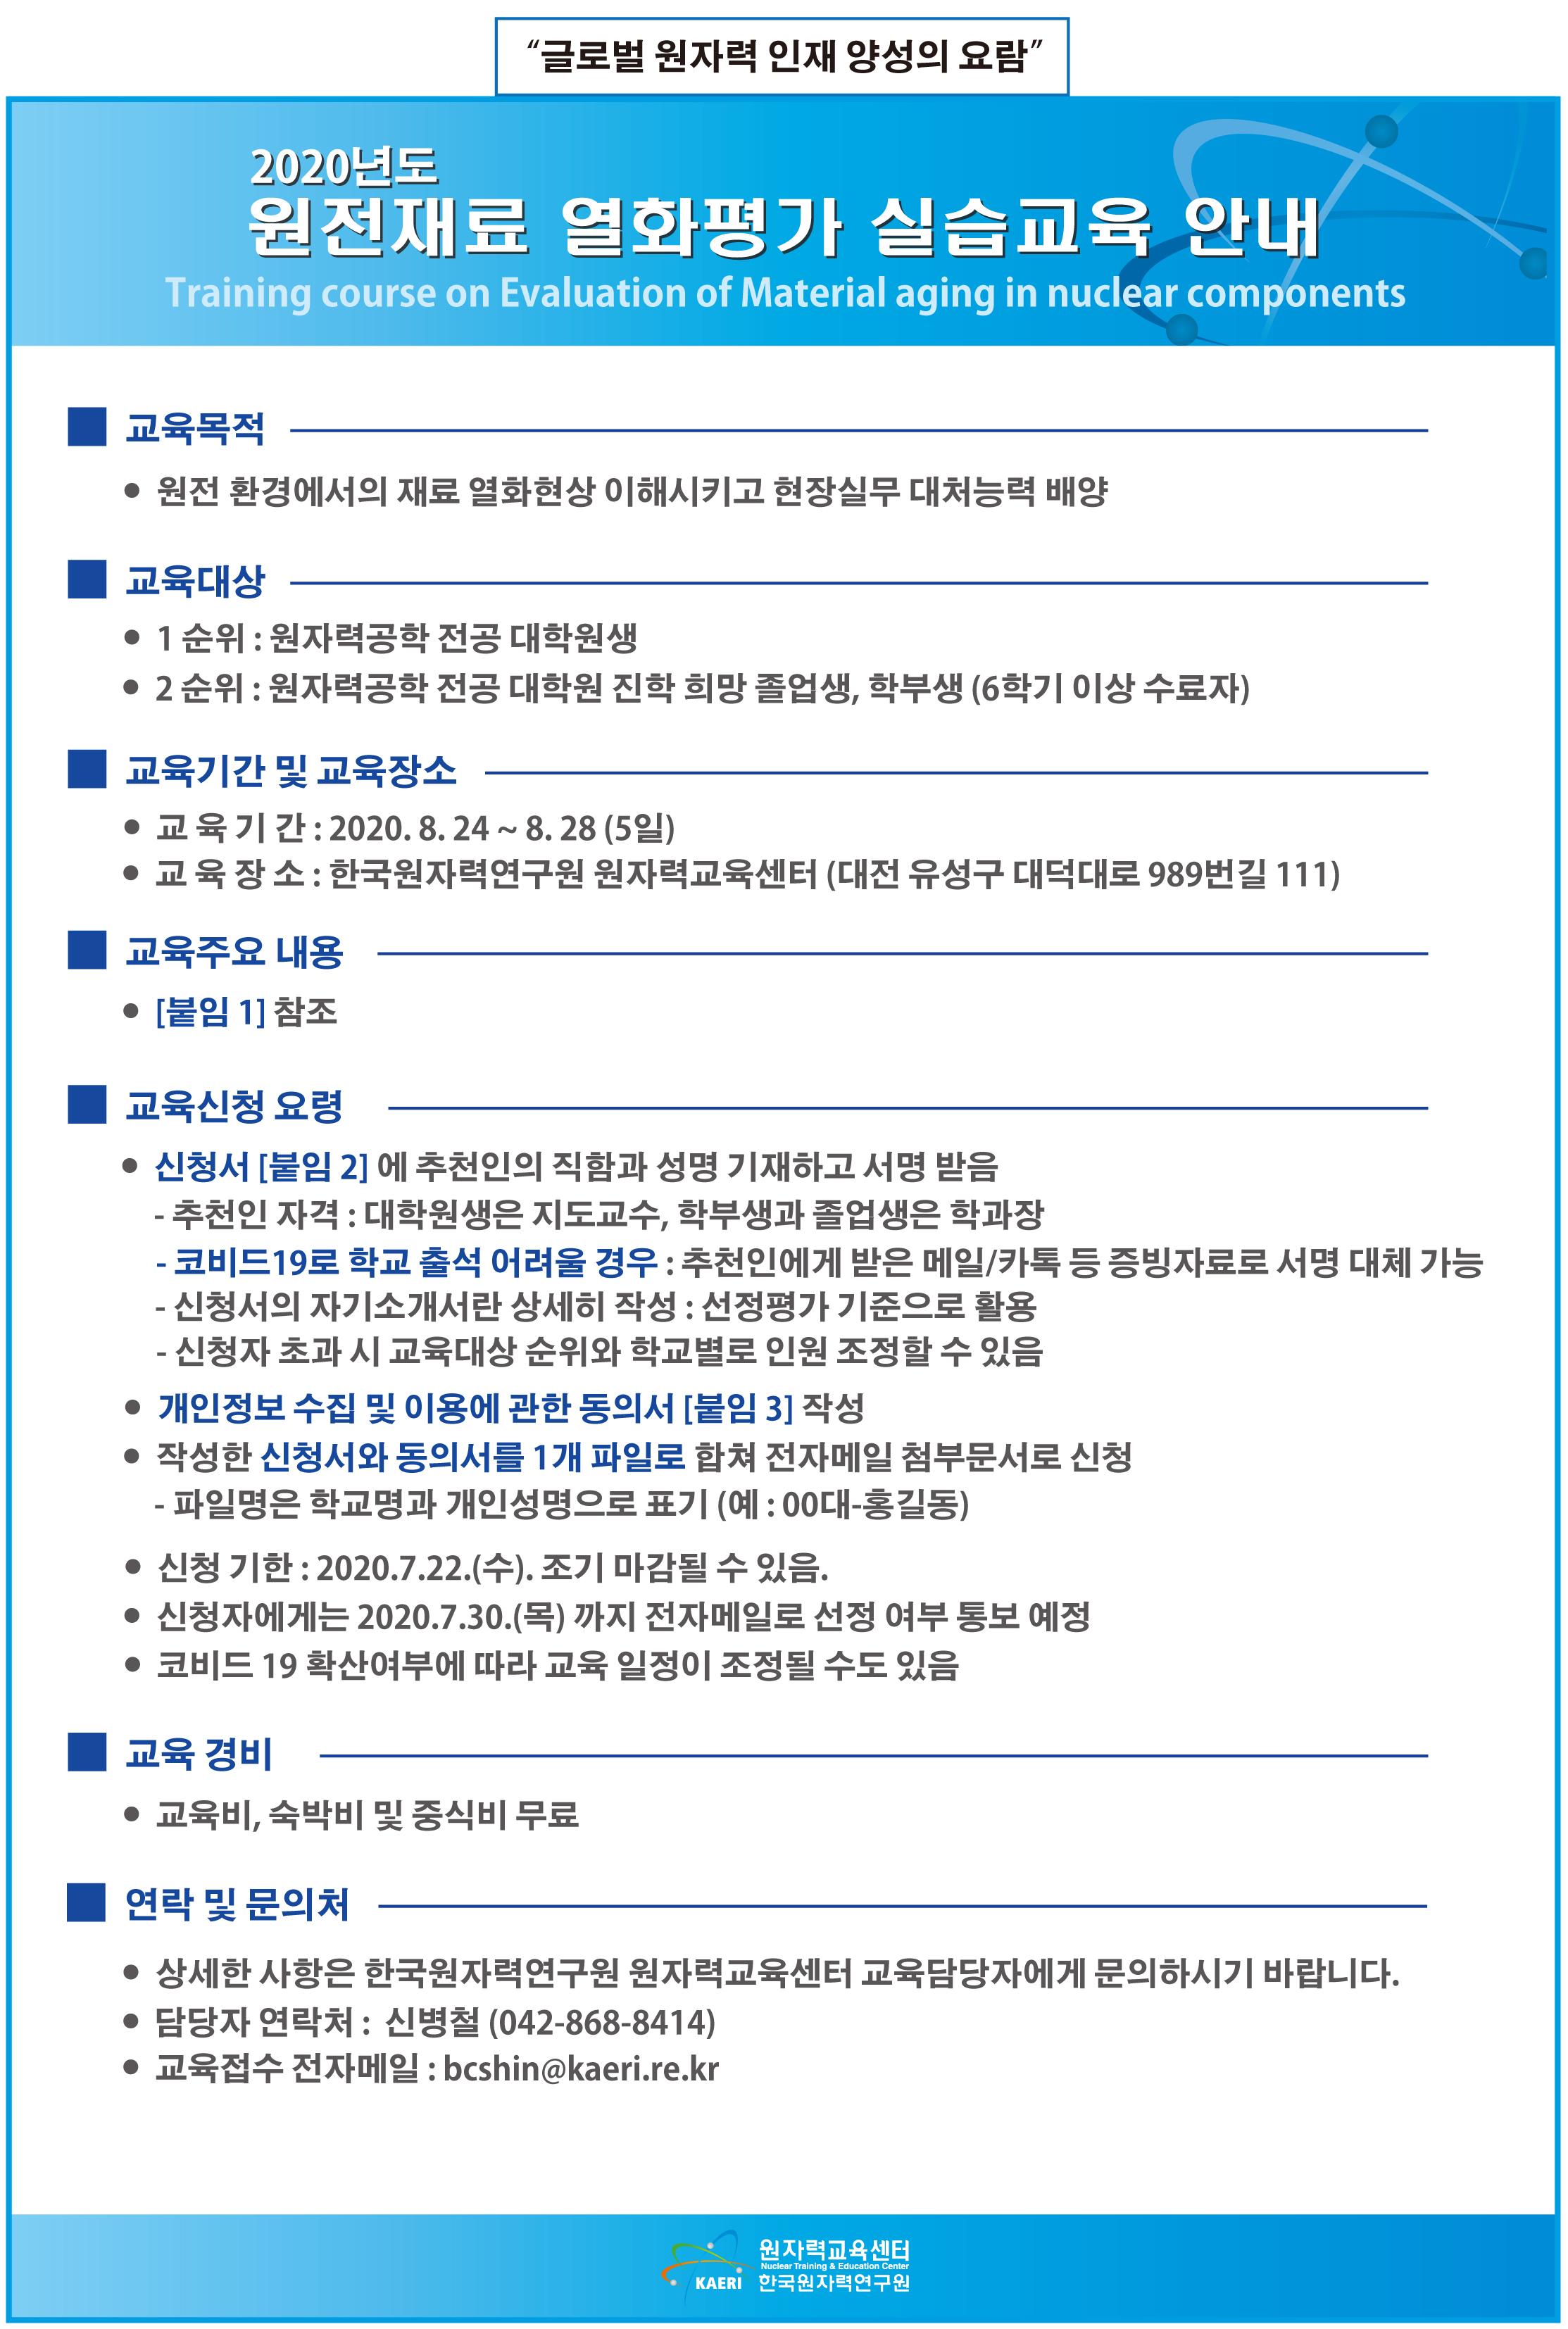 원전재료_열화평가_실습교육-2020-07-07.jpg